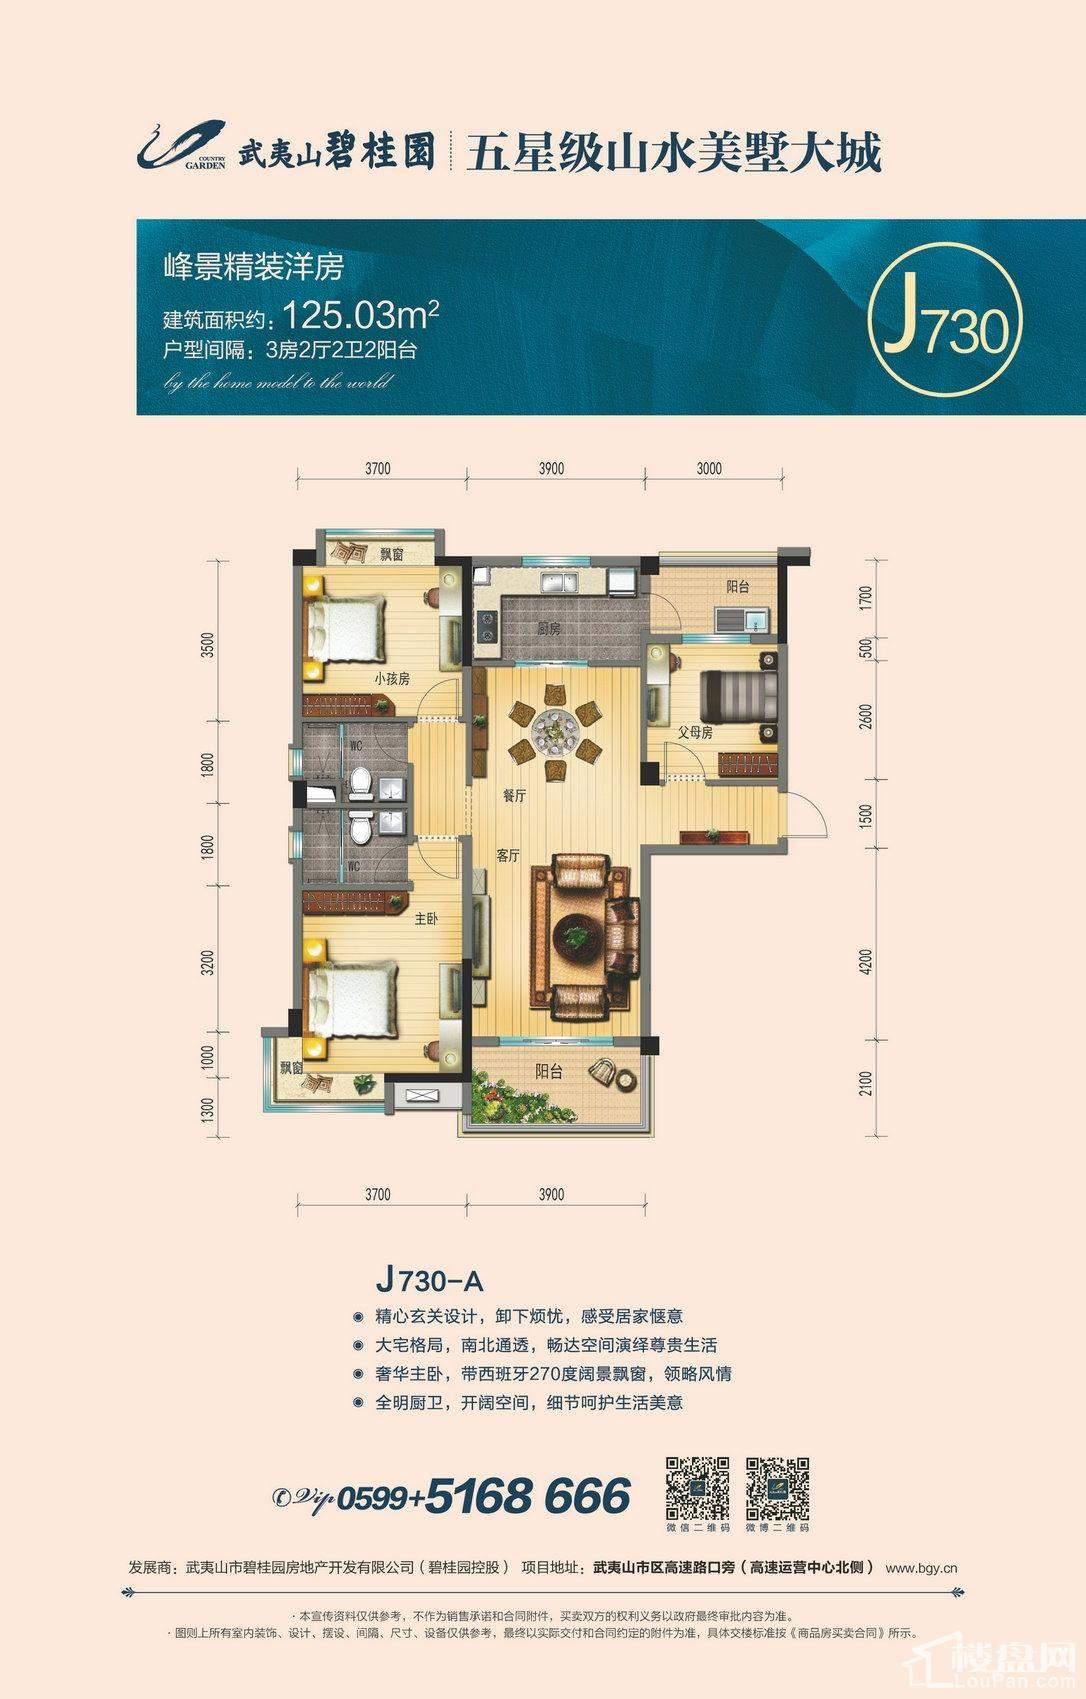 J730-A 峰景精装洋房